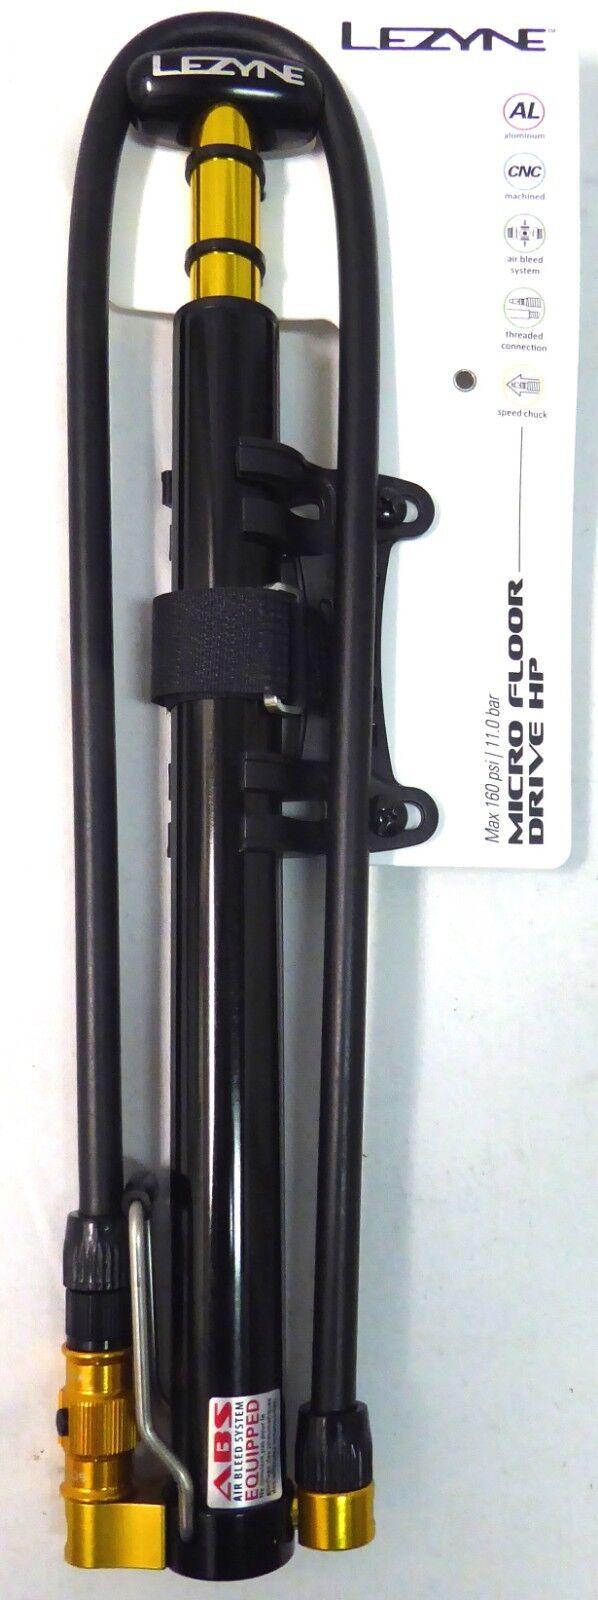 Lezyne MFDR-V2HP Micro Floor Drive Hand CNC Lezyne Silver//HiGloss Hand Pump